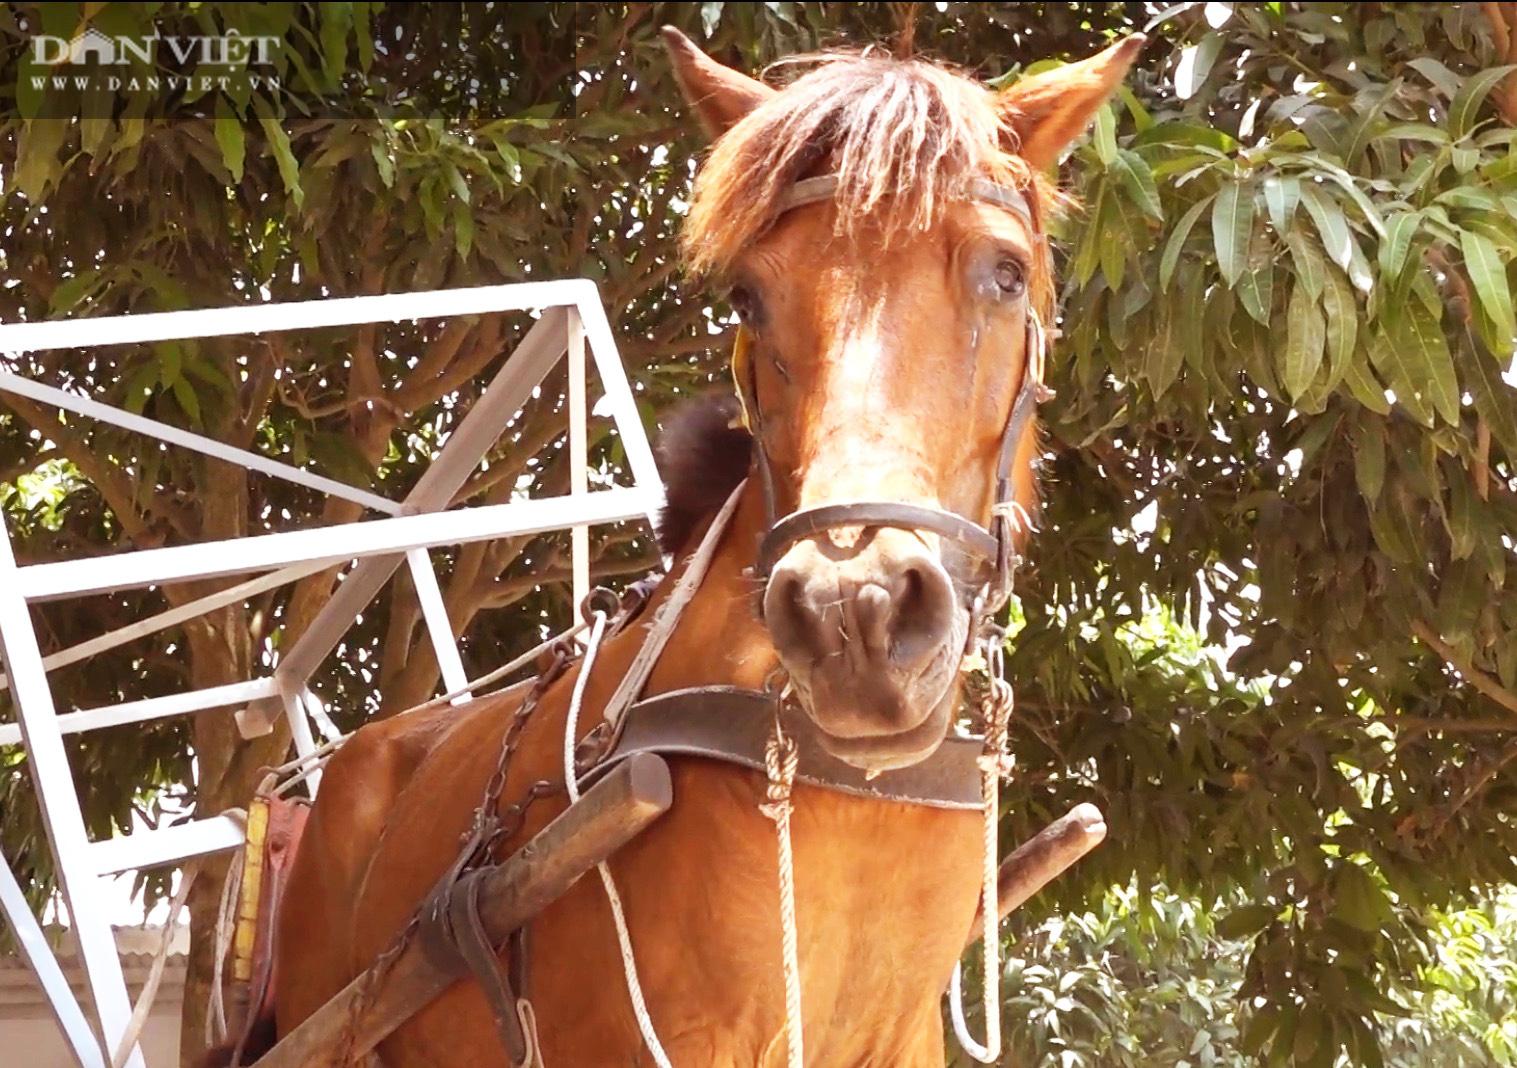 Những chiếc xe ngựa cuối cùng của vùng Bảy Núi - Ảnh 3.